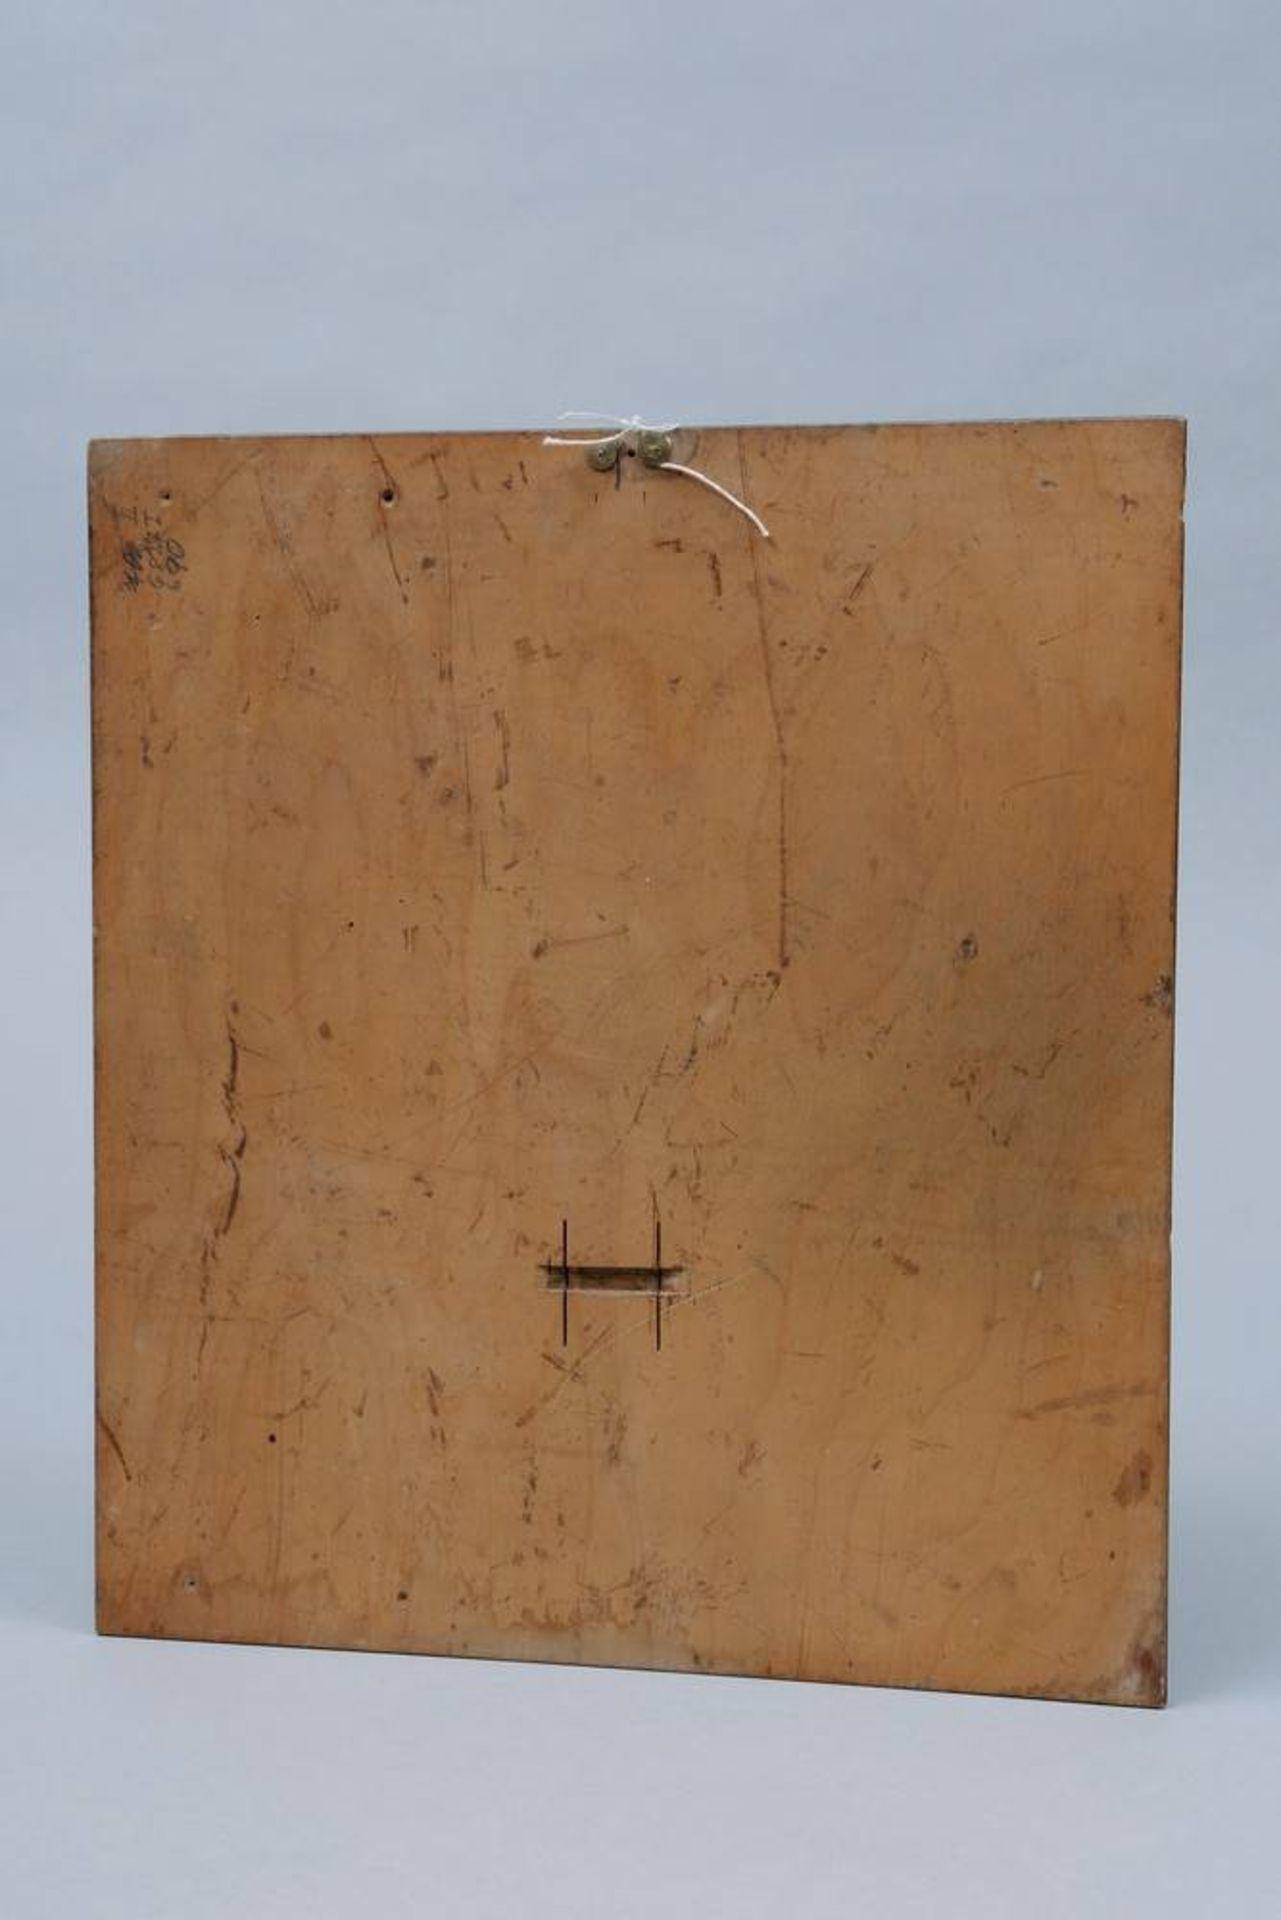 """Kalender-Werbetafel, """"Schlesischer Dampfer-Co-Berliner Lloyd Akt-Gez"""", um 1920/ - Bild 2 aus 3"""